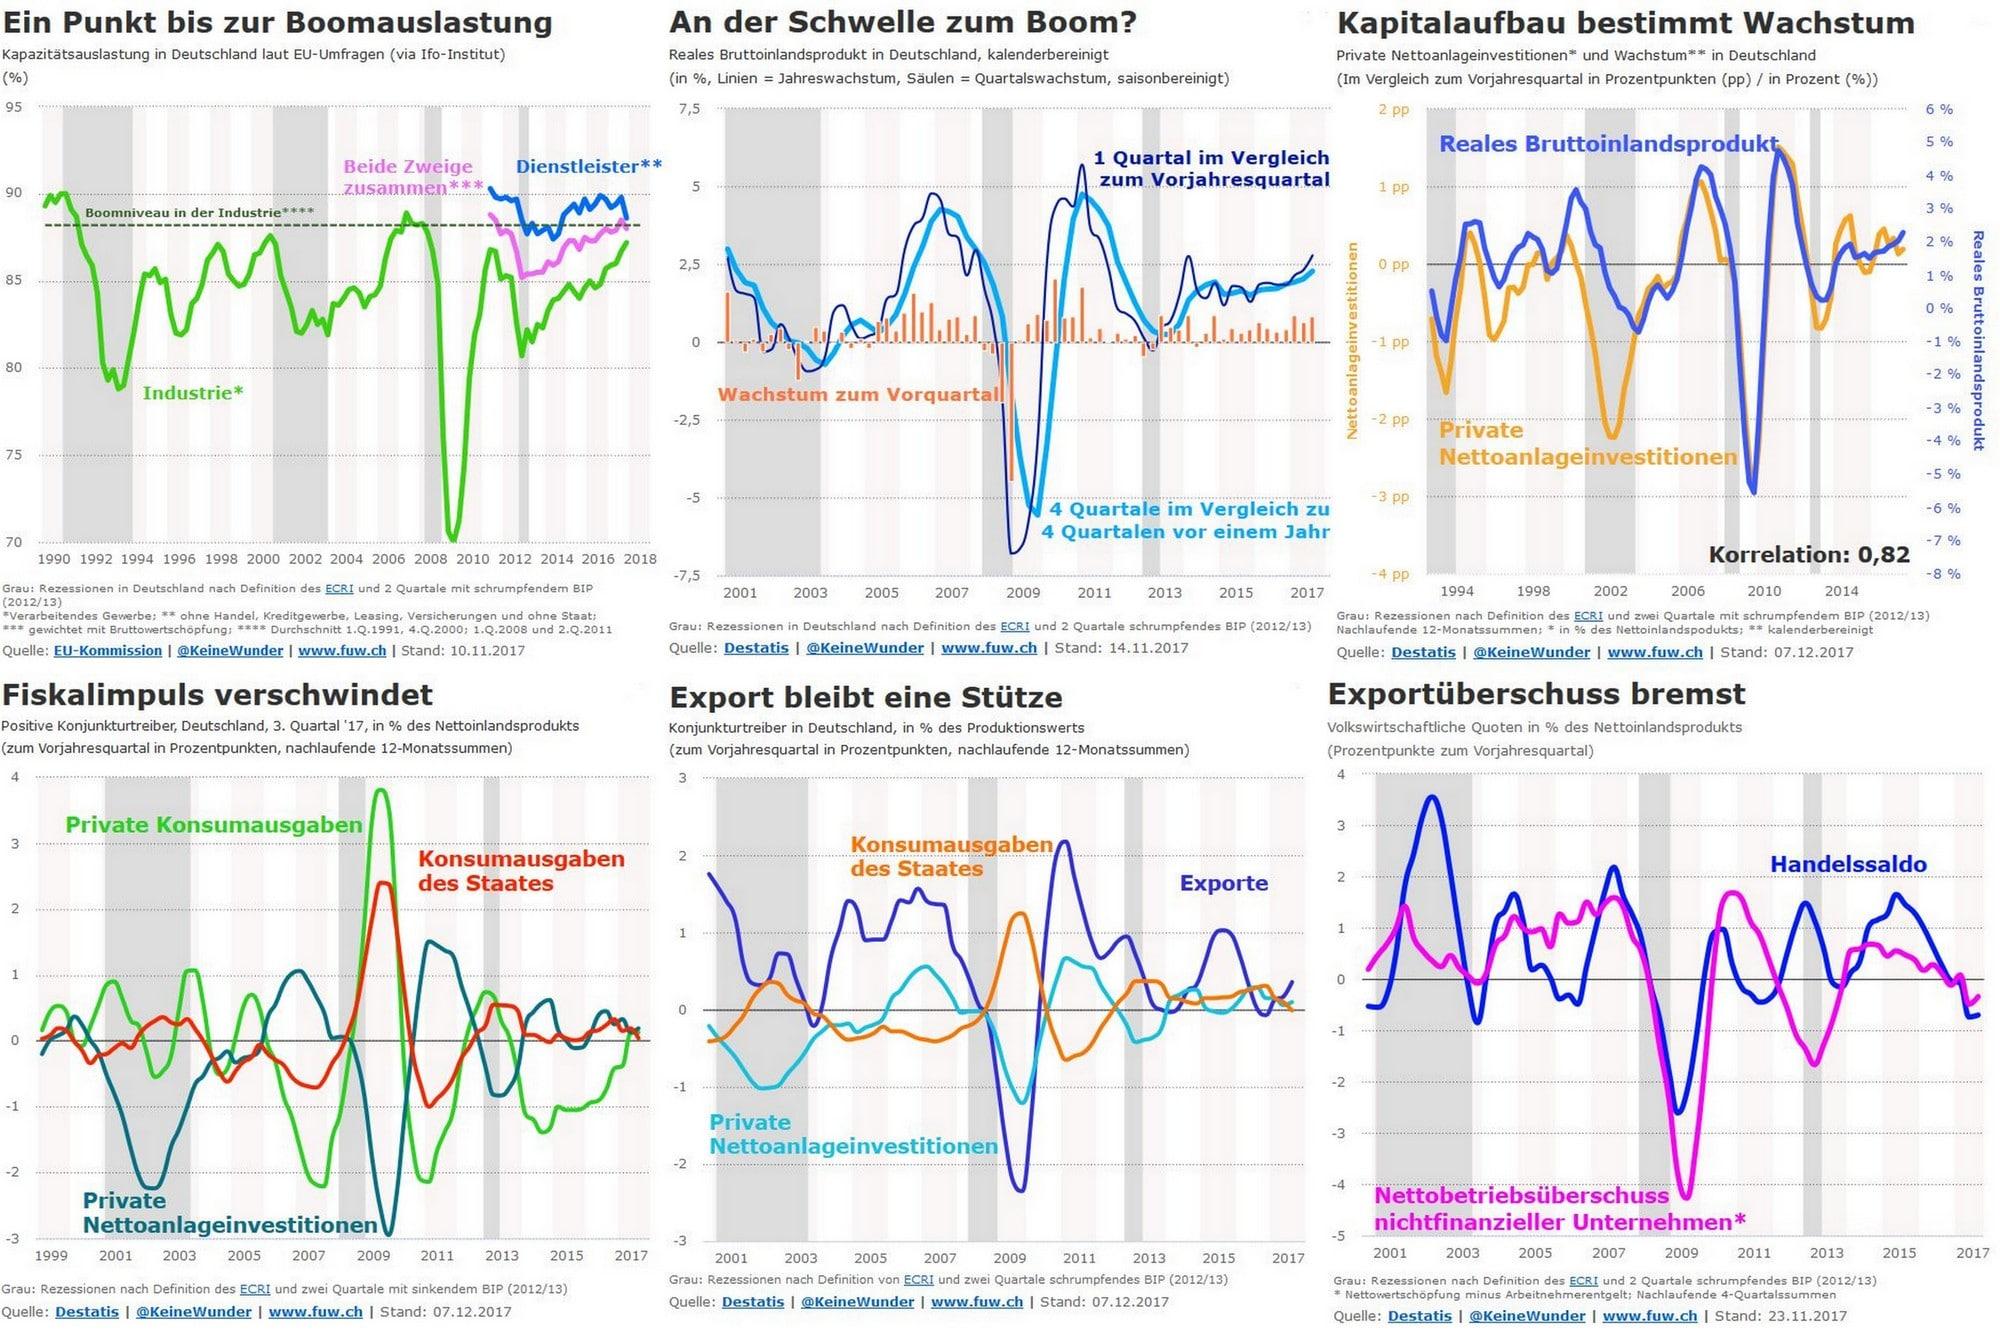 Konjunktur: Die wahre Blase kommt immer aus der Realwirtschaft